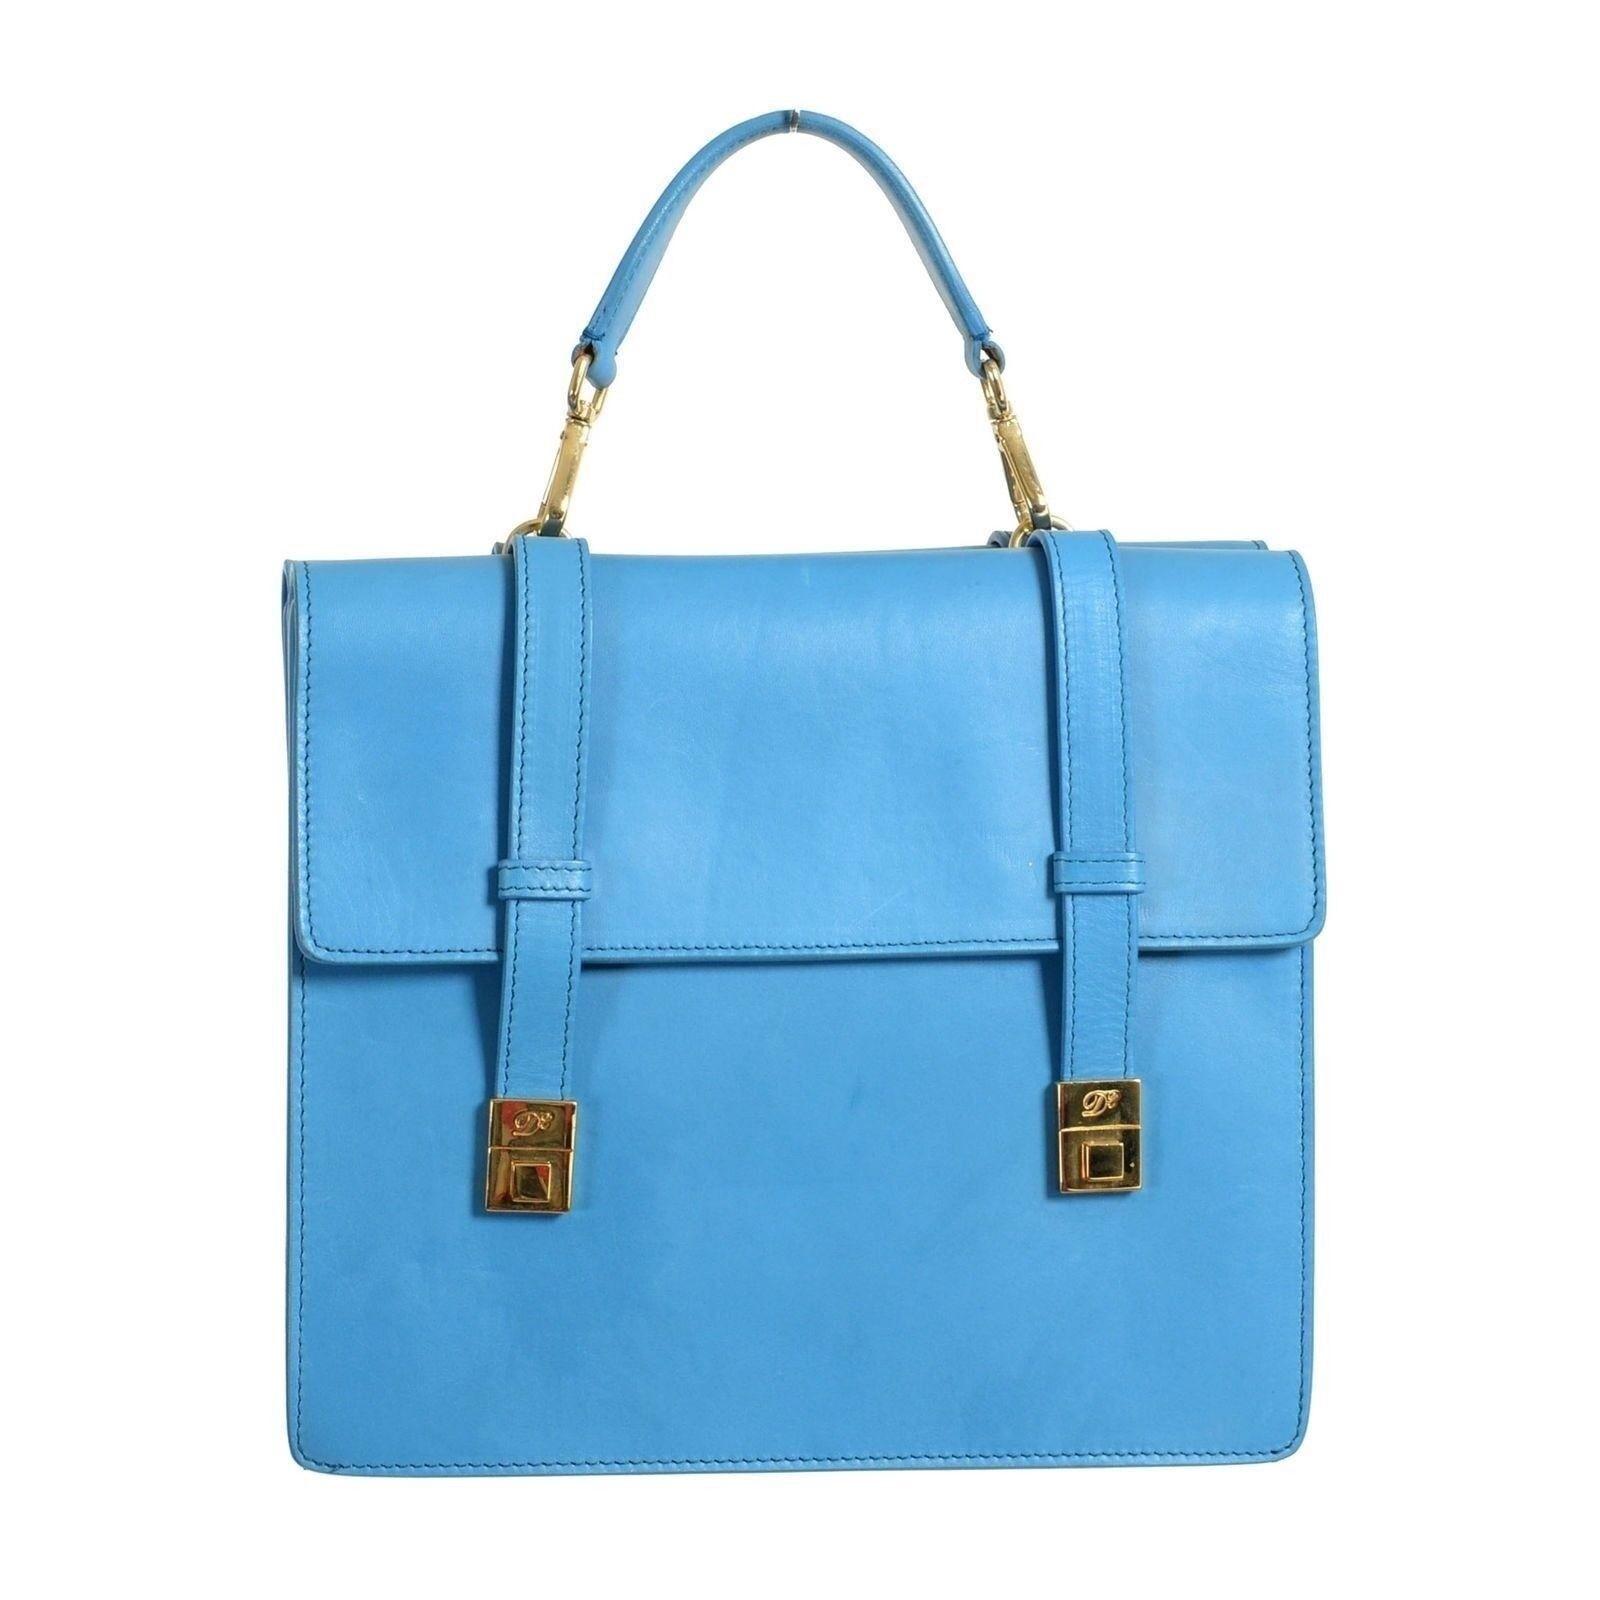 c5f3826389 DsquaRouge 2 Cuir Cuir Cuir Bleu Femmes Sac A Main | Pratique Et économique  2c14dc